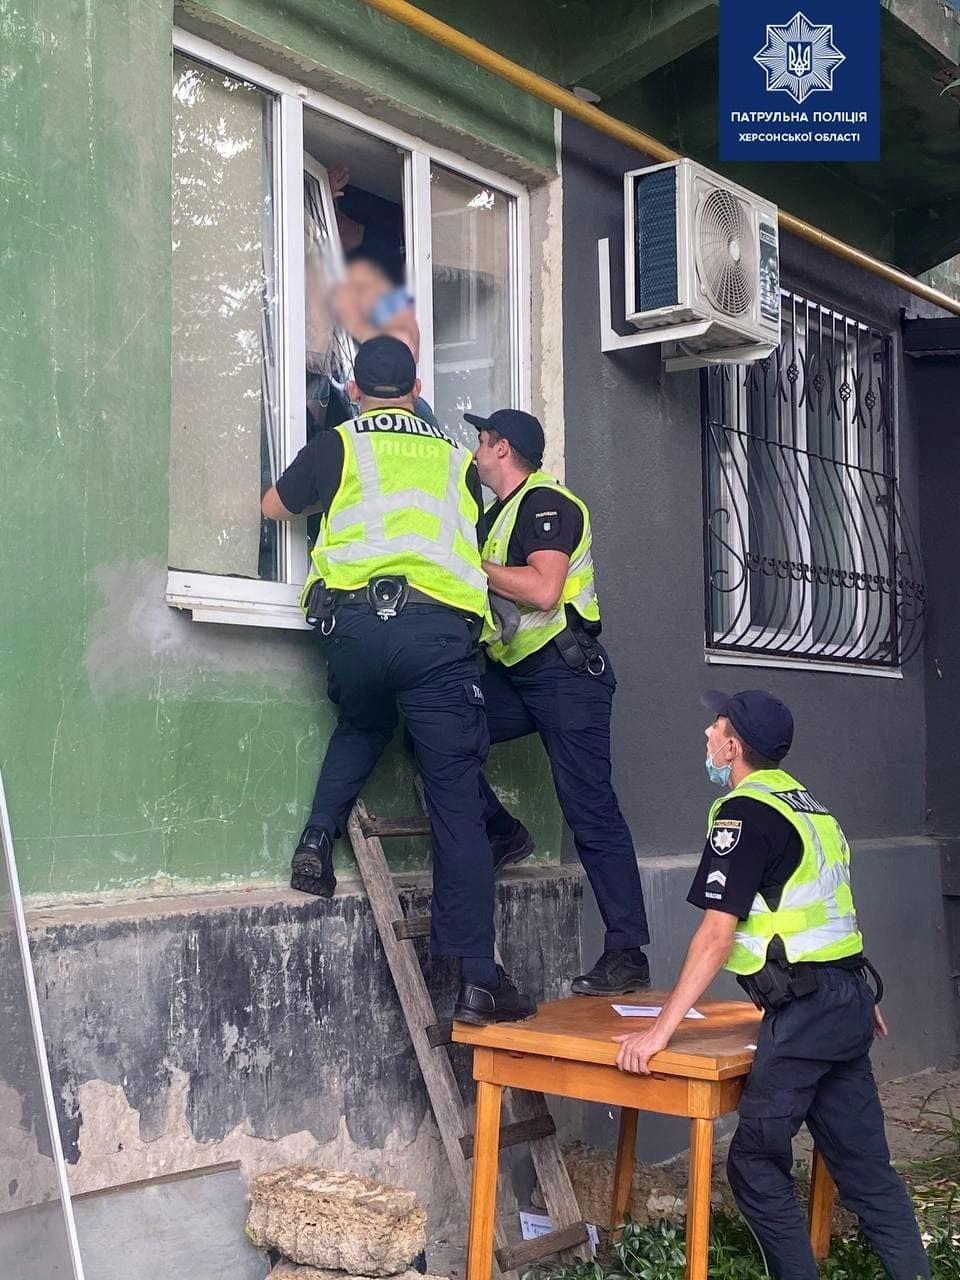 Фото: Патрульная полиция Херсонской области